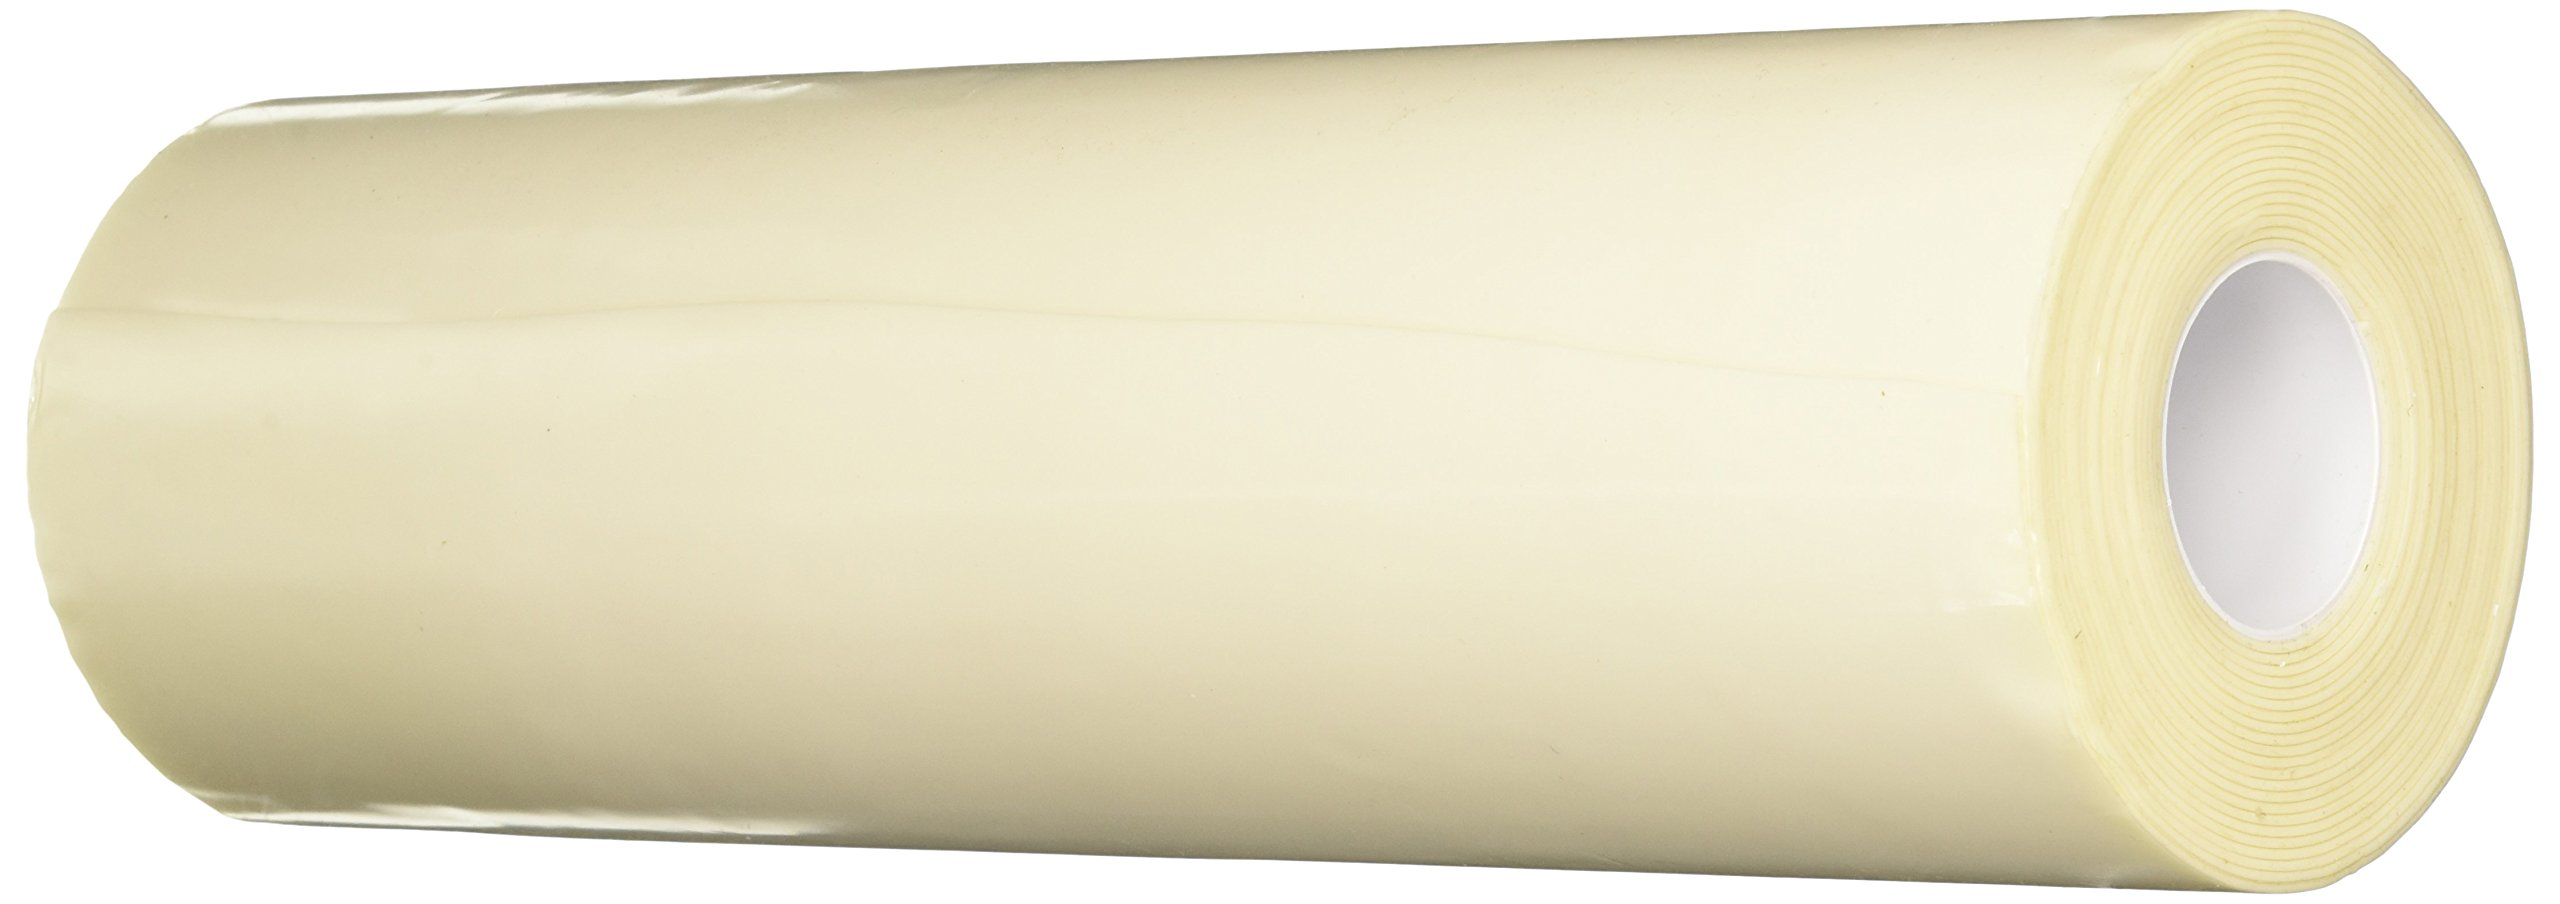 3M VHB Tape 4951, 2.5 in Width x 5 yd Length (1 Roll)